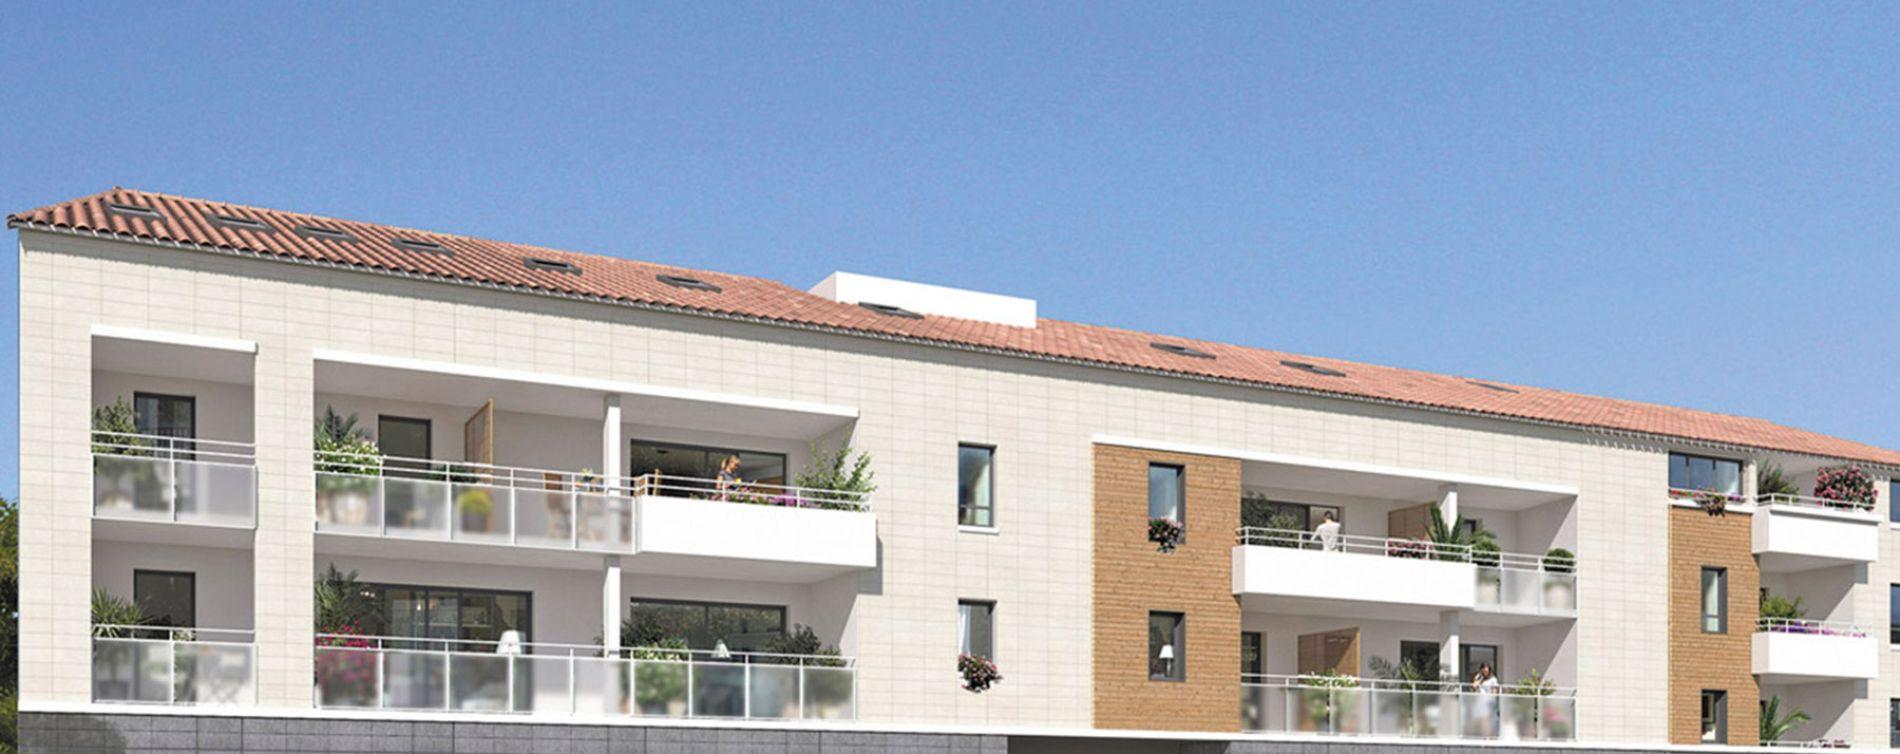 Résidence Esprit Calanques Bâtiment C à Marseille